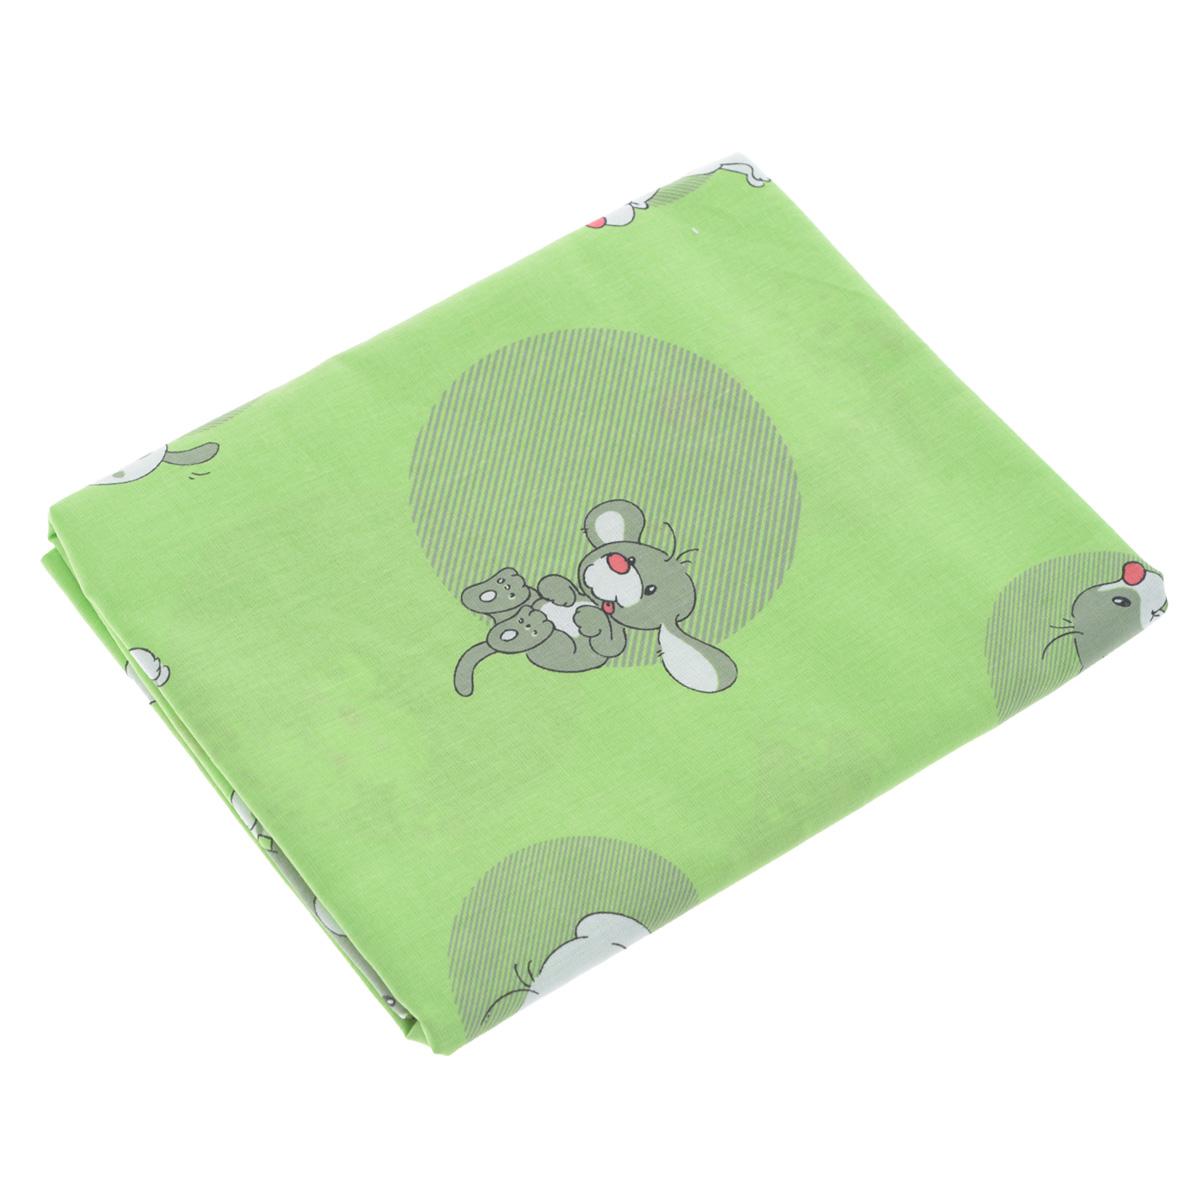 """Пододеяльник детский Фея """"Наши друзья"""", цвет: зеленый, 110 см х 140 см"""